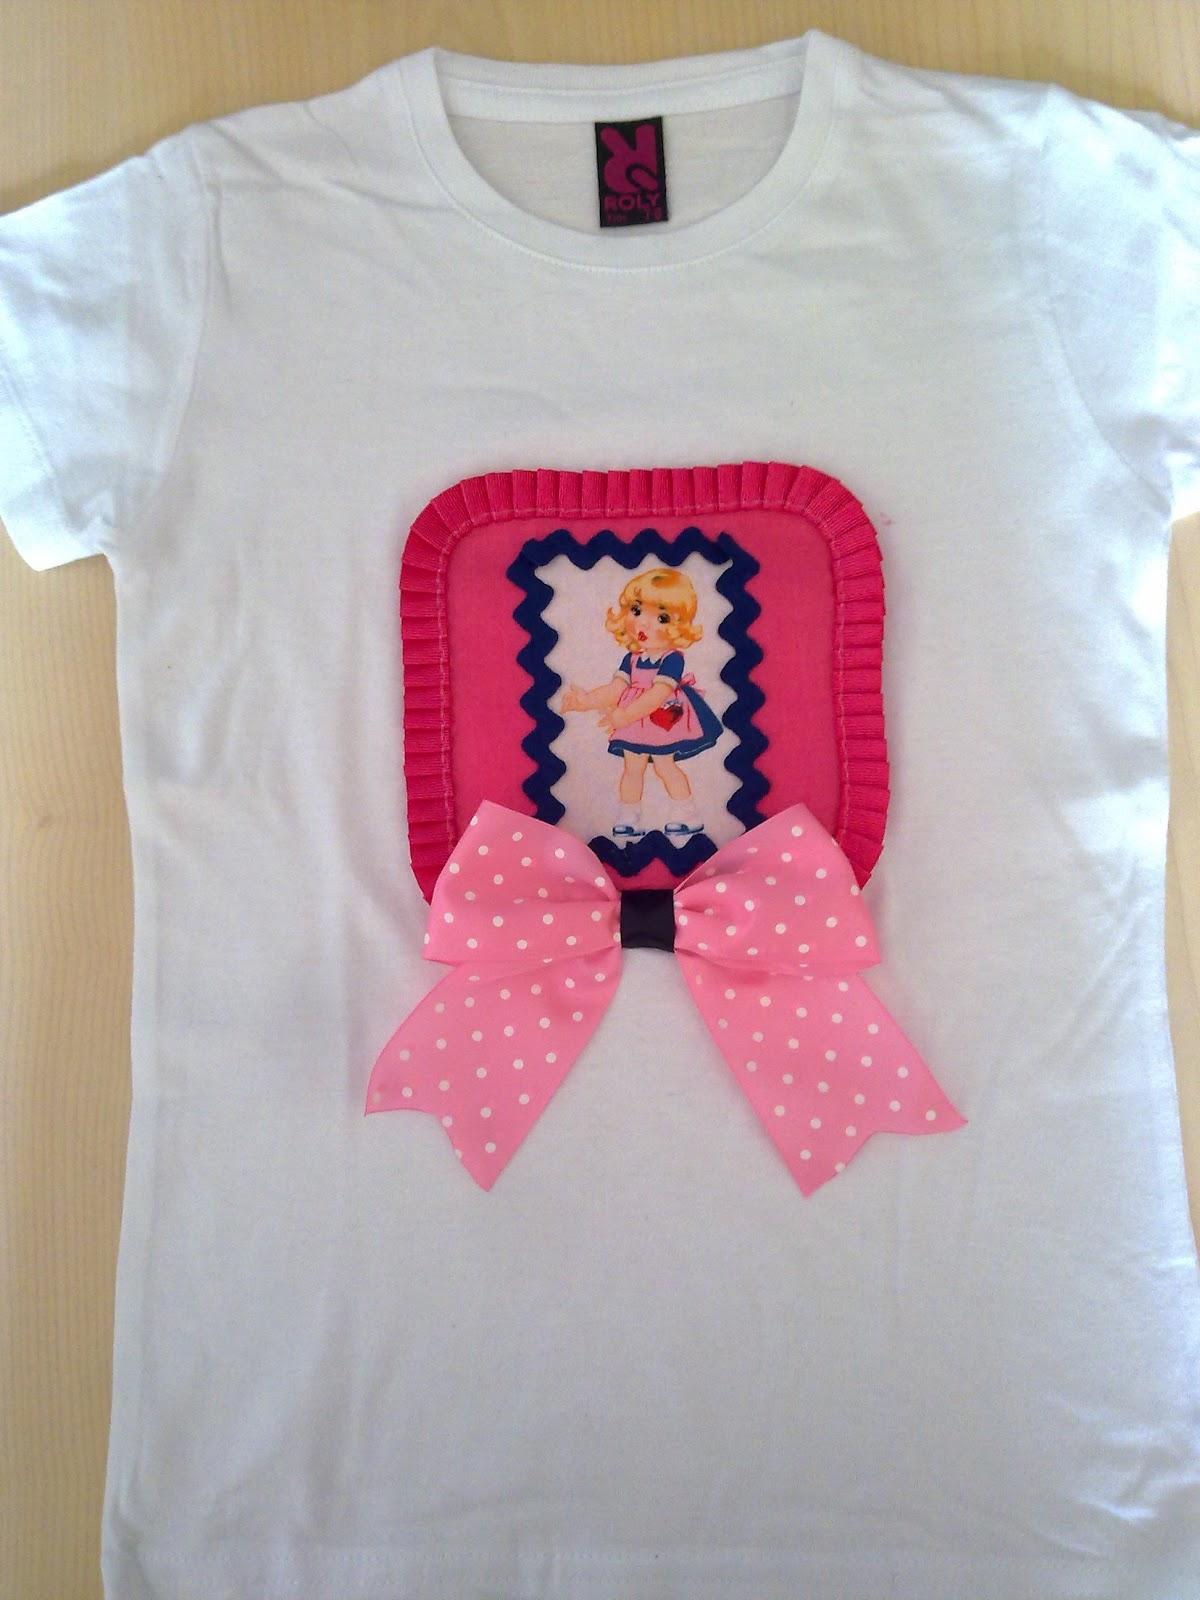 Camiseta de niña hecha a mano con detalle de muñeca, plisado y tripa de pollo